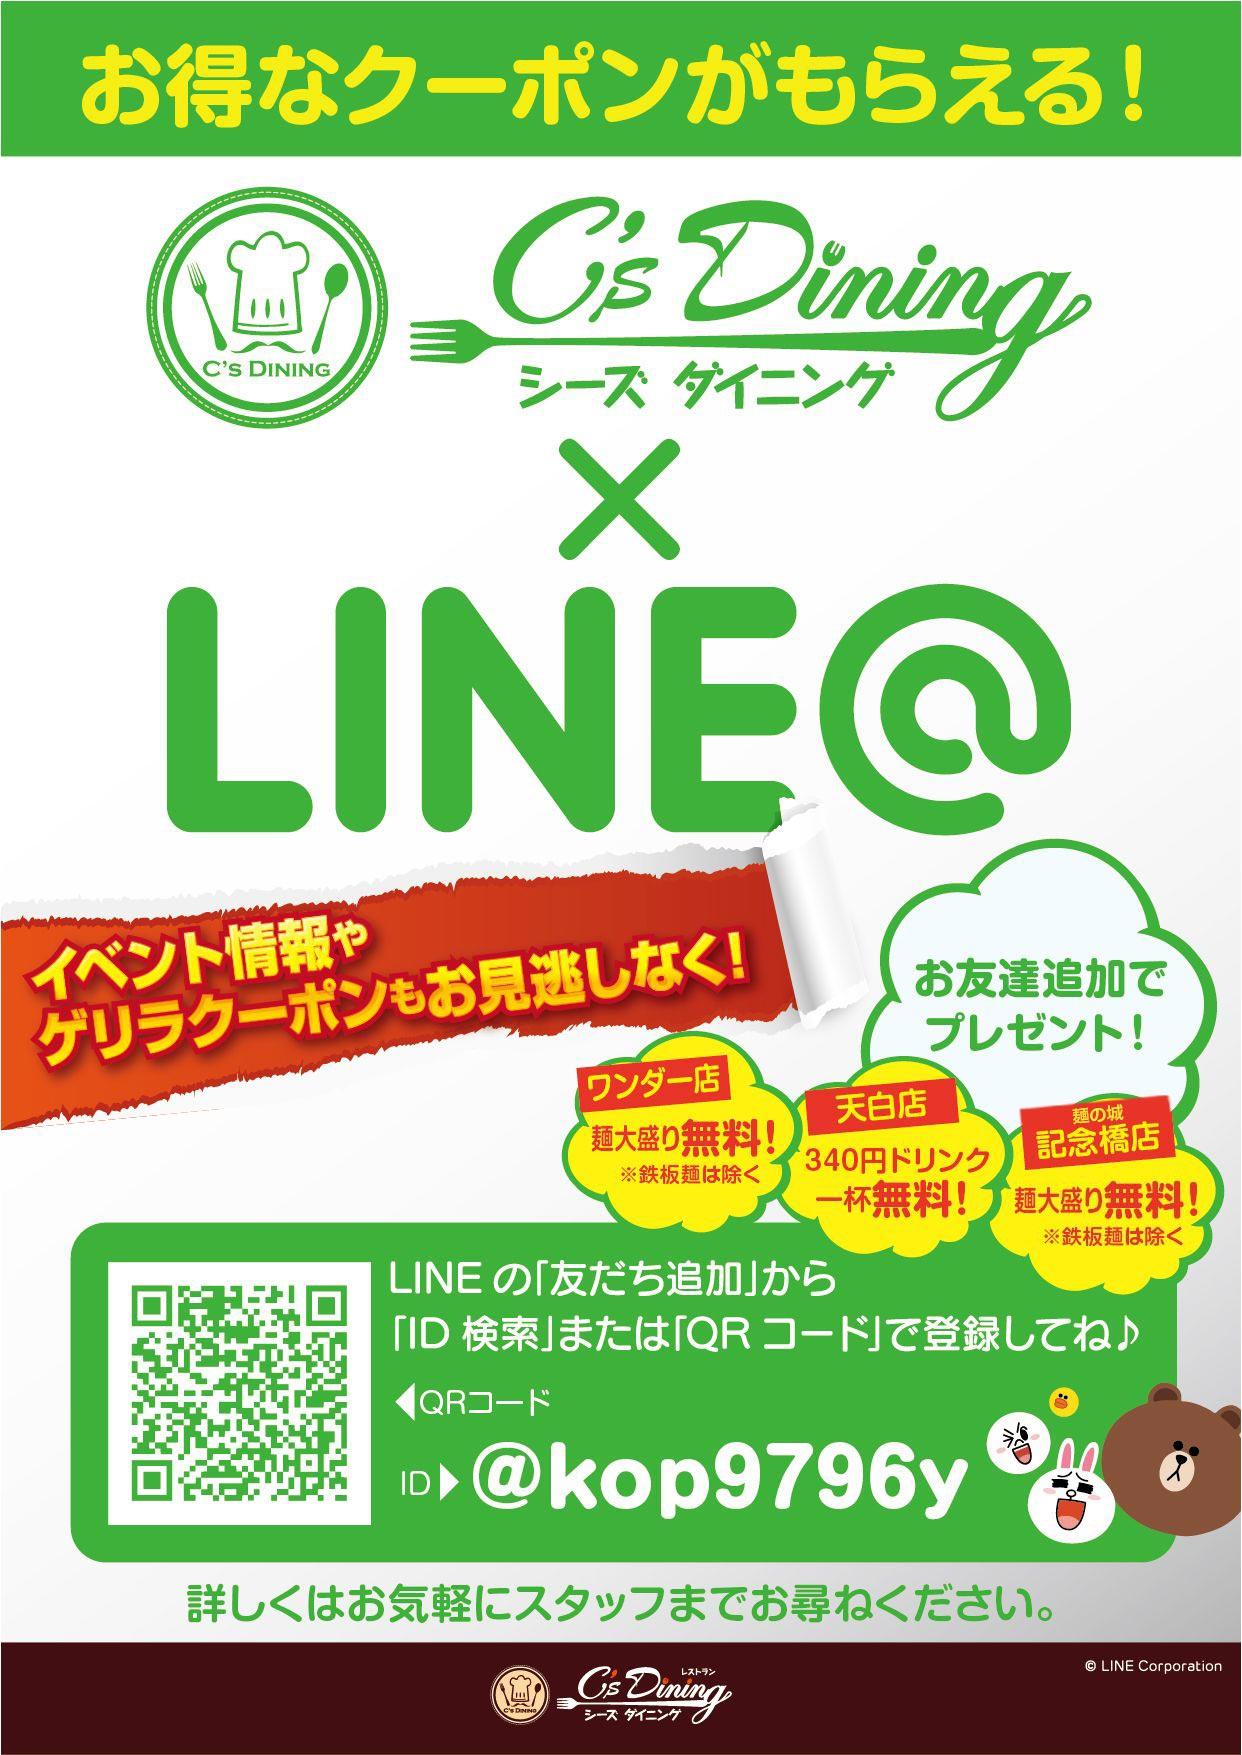 ダイニング・LINE